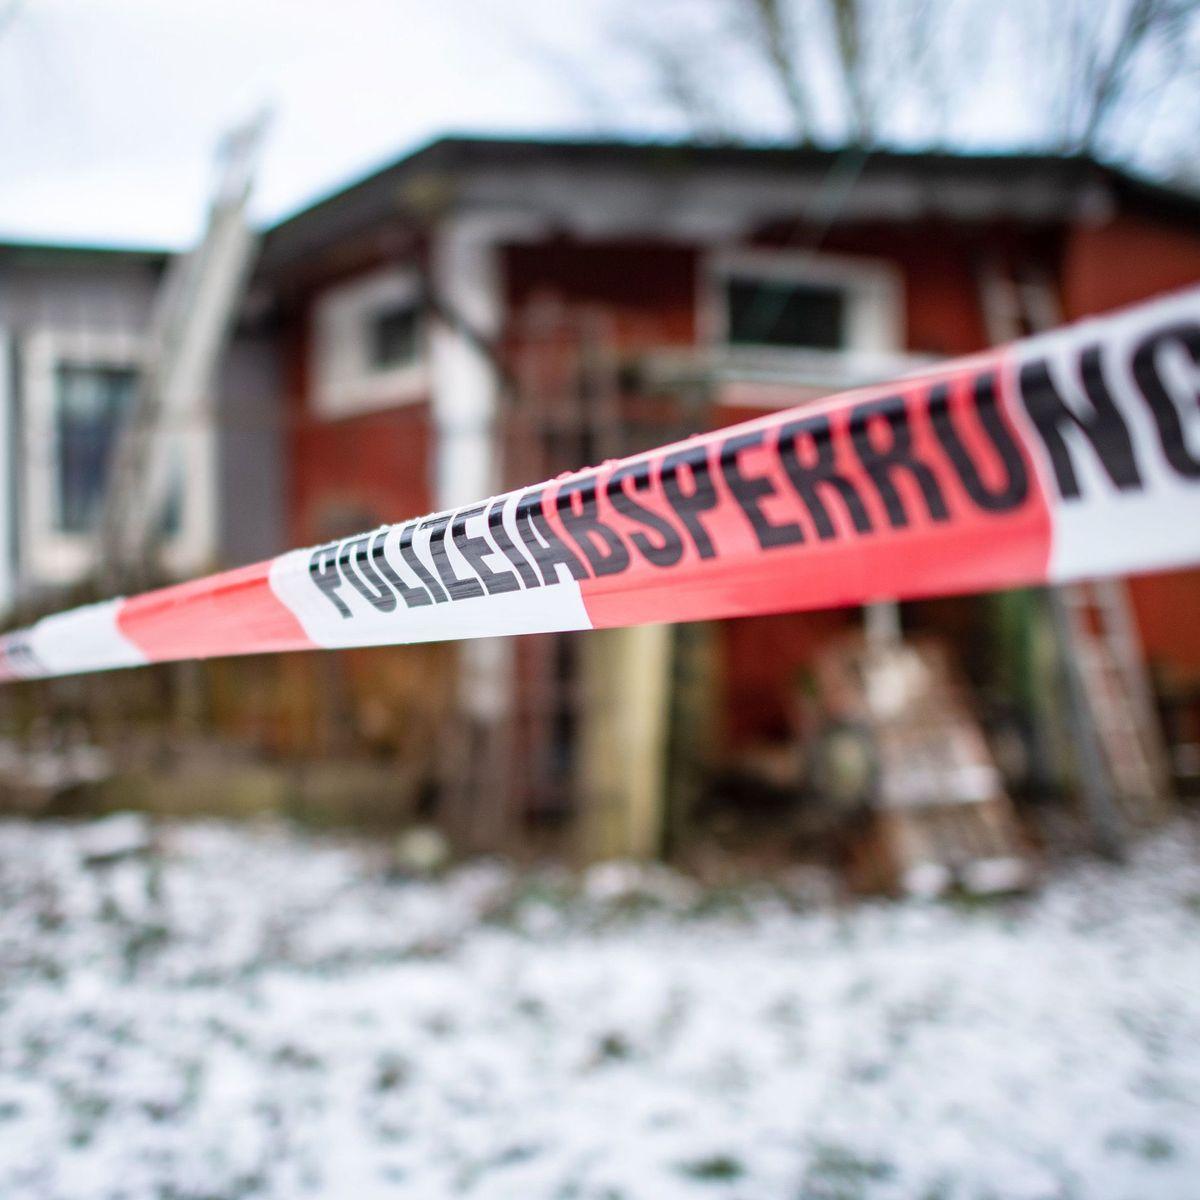 NRW-Untersuchungsausschuss: Missbrauch in Lügde - Aussagen offenbaren Fehlerkette bei Behörden